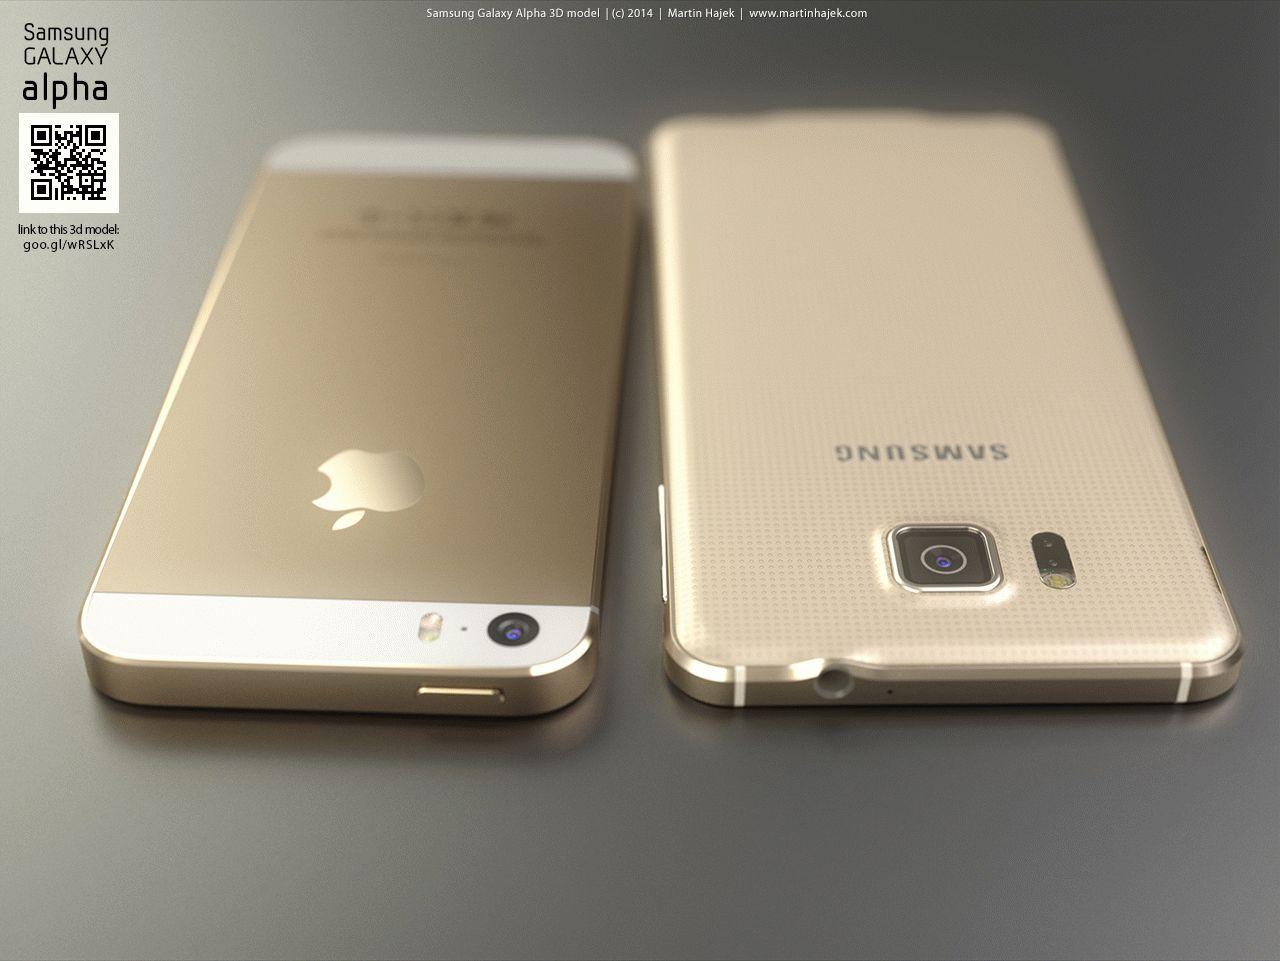 kak-daleko-samsung-zashla-v-kopirovanii-apple-galaxy-alpha-protiv-iphone---------